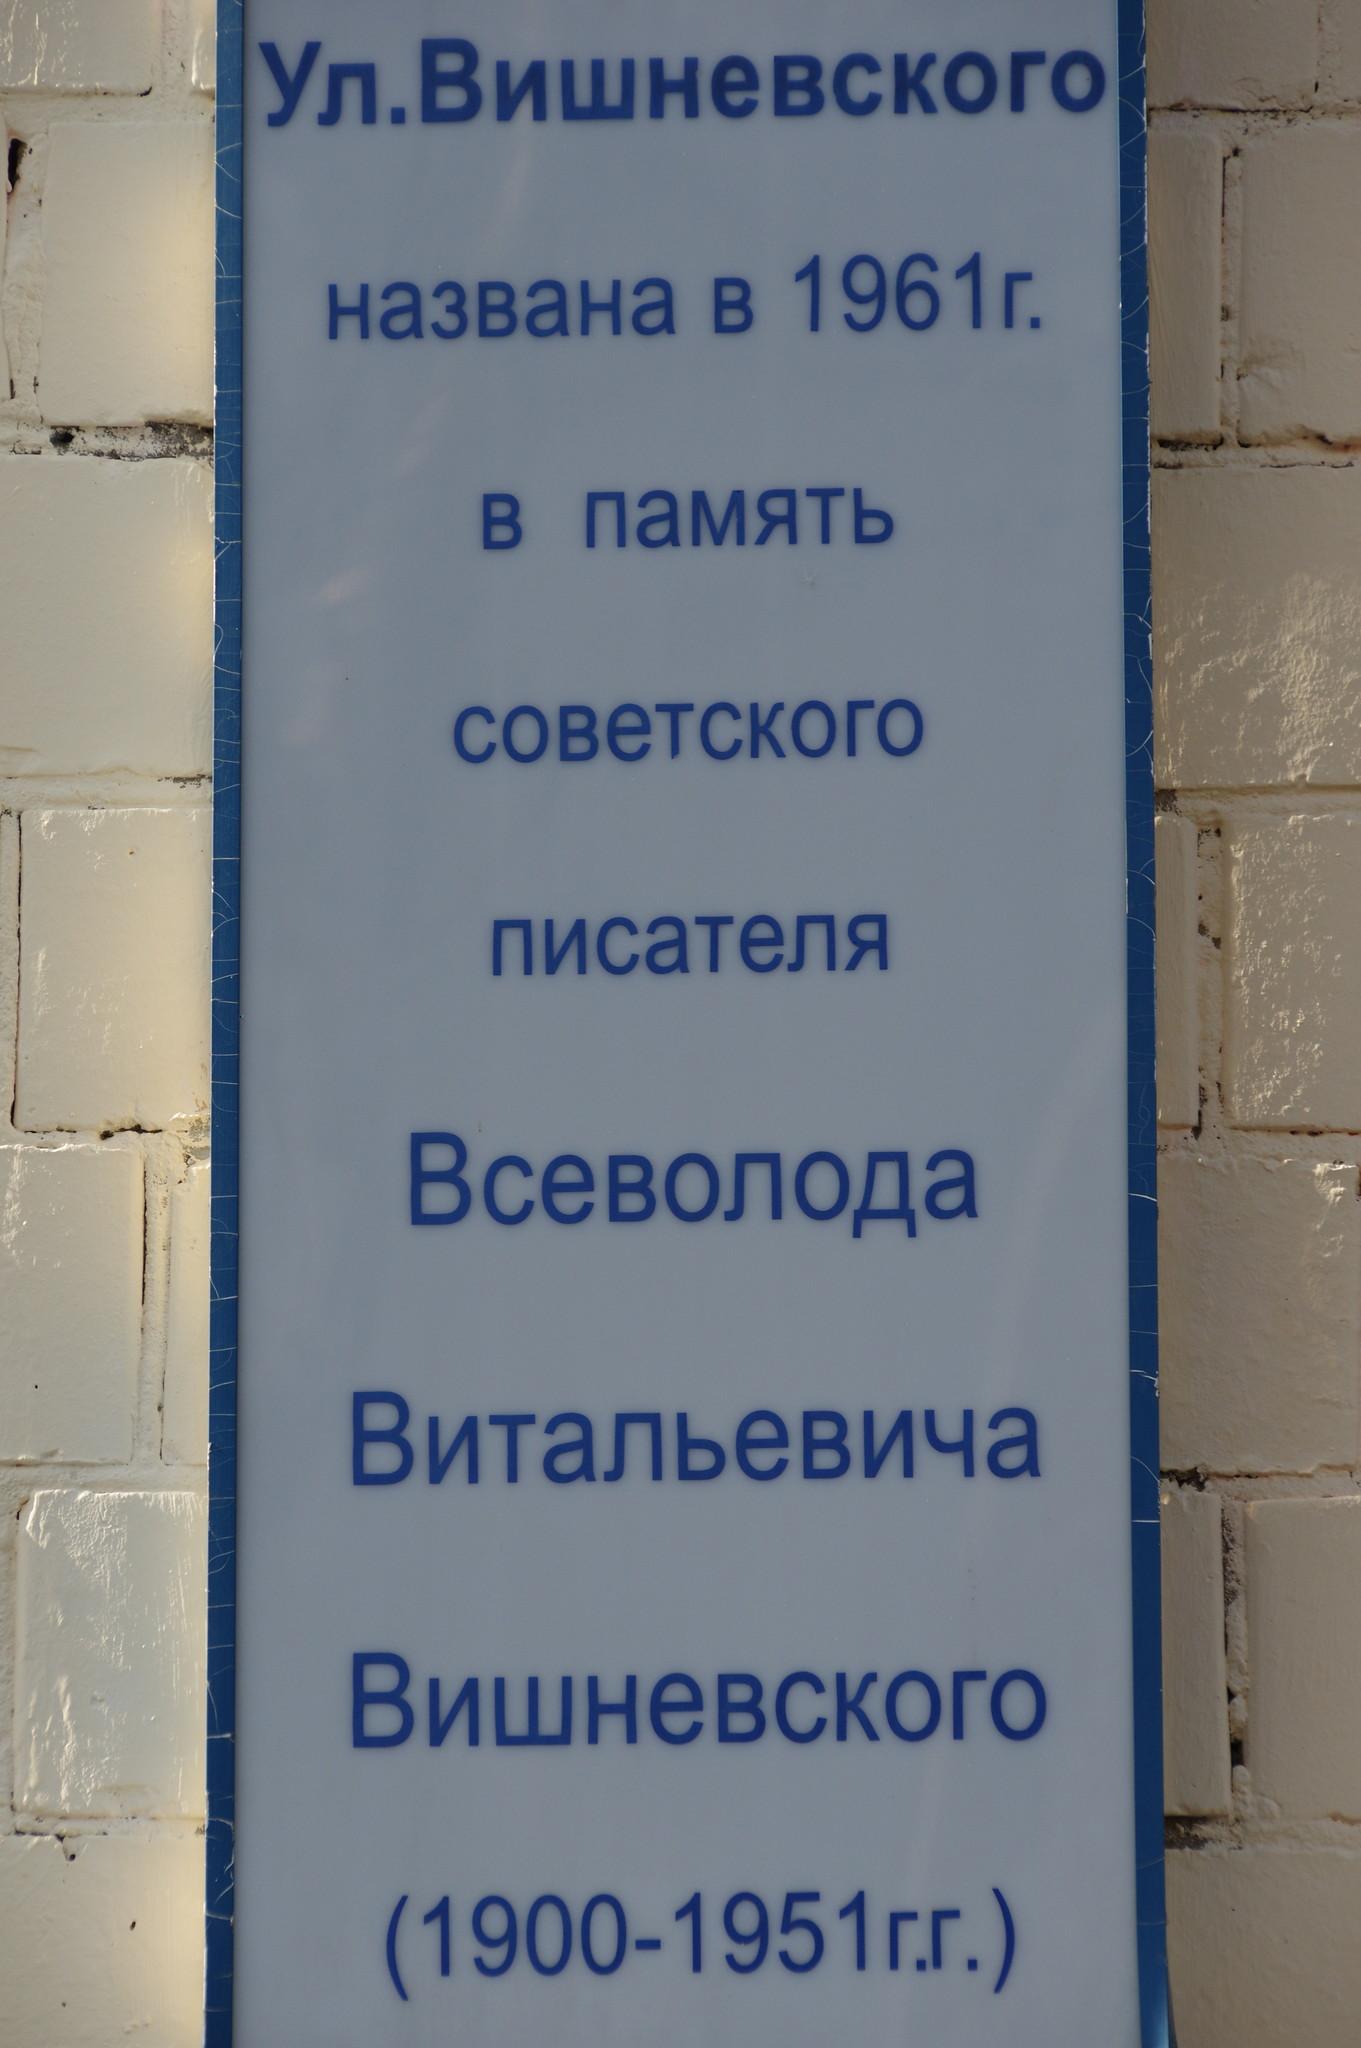 Улица Всеволода Вишневского в Москве